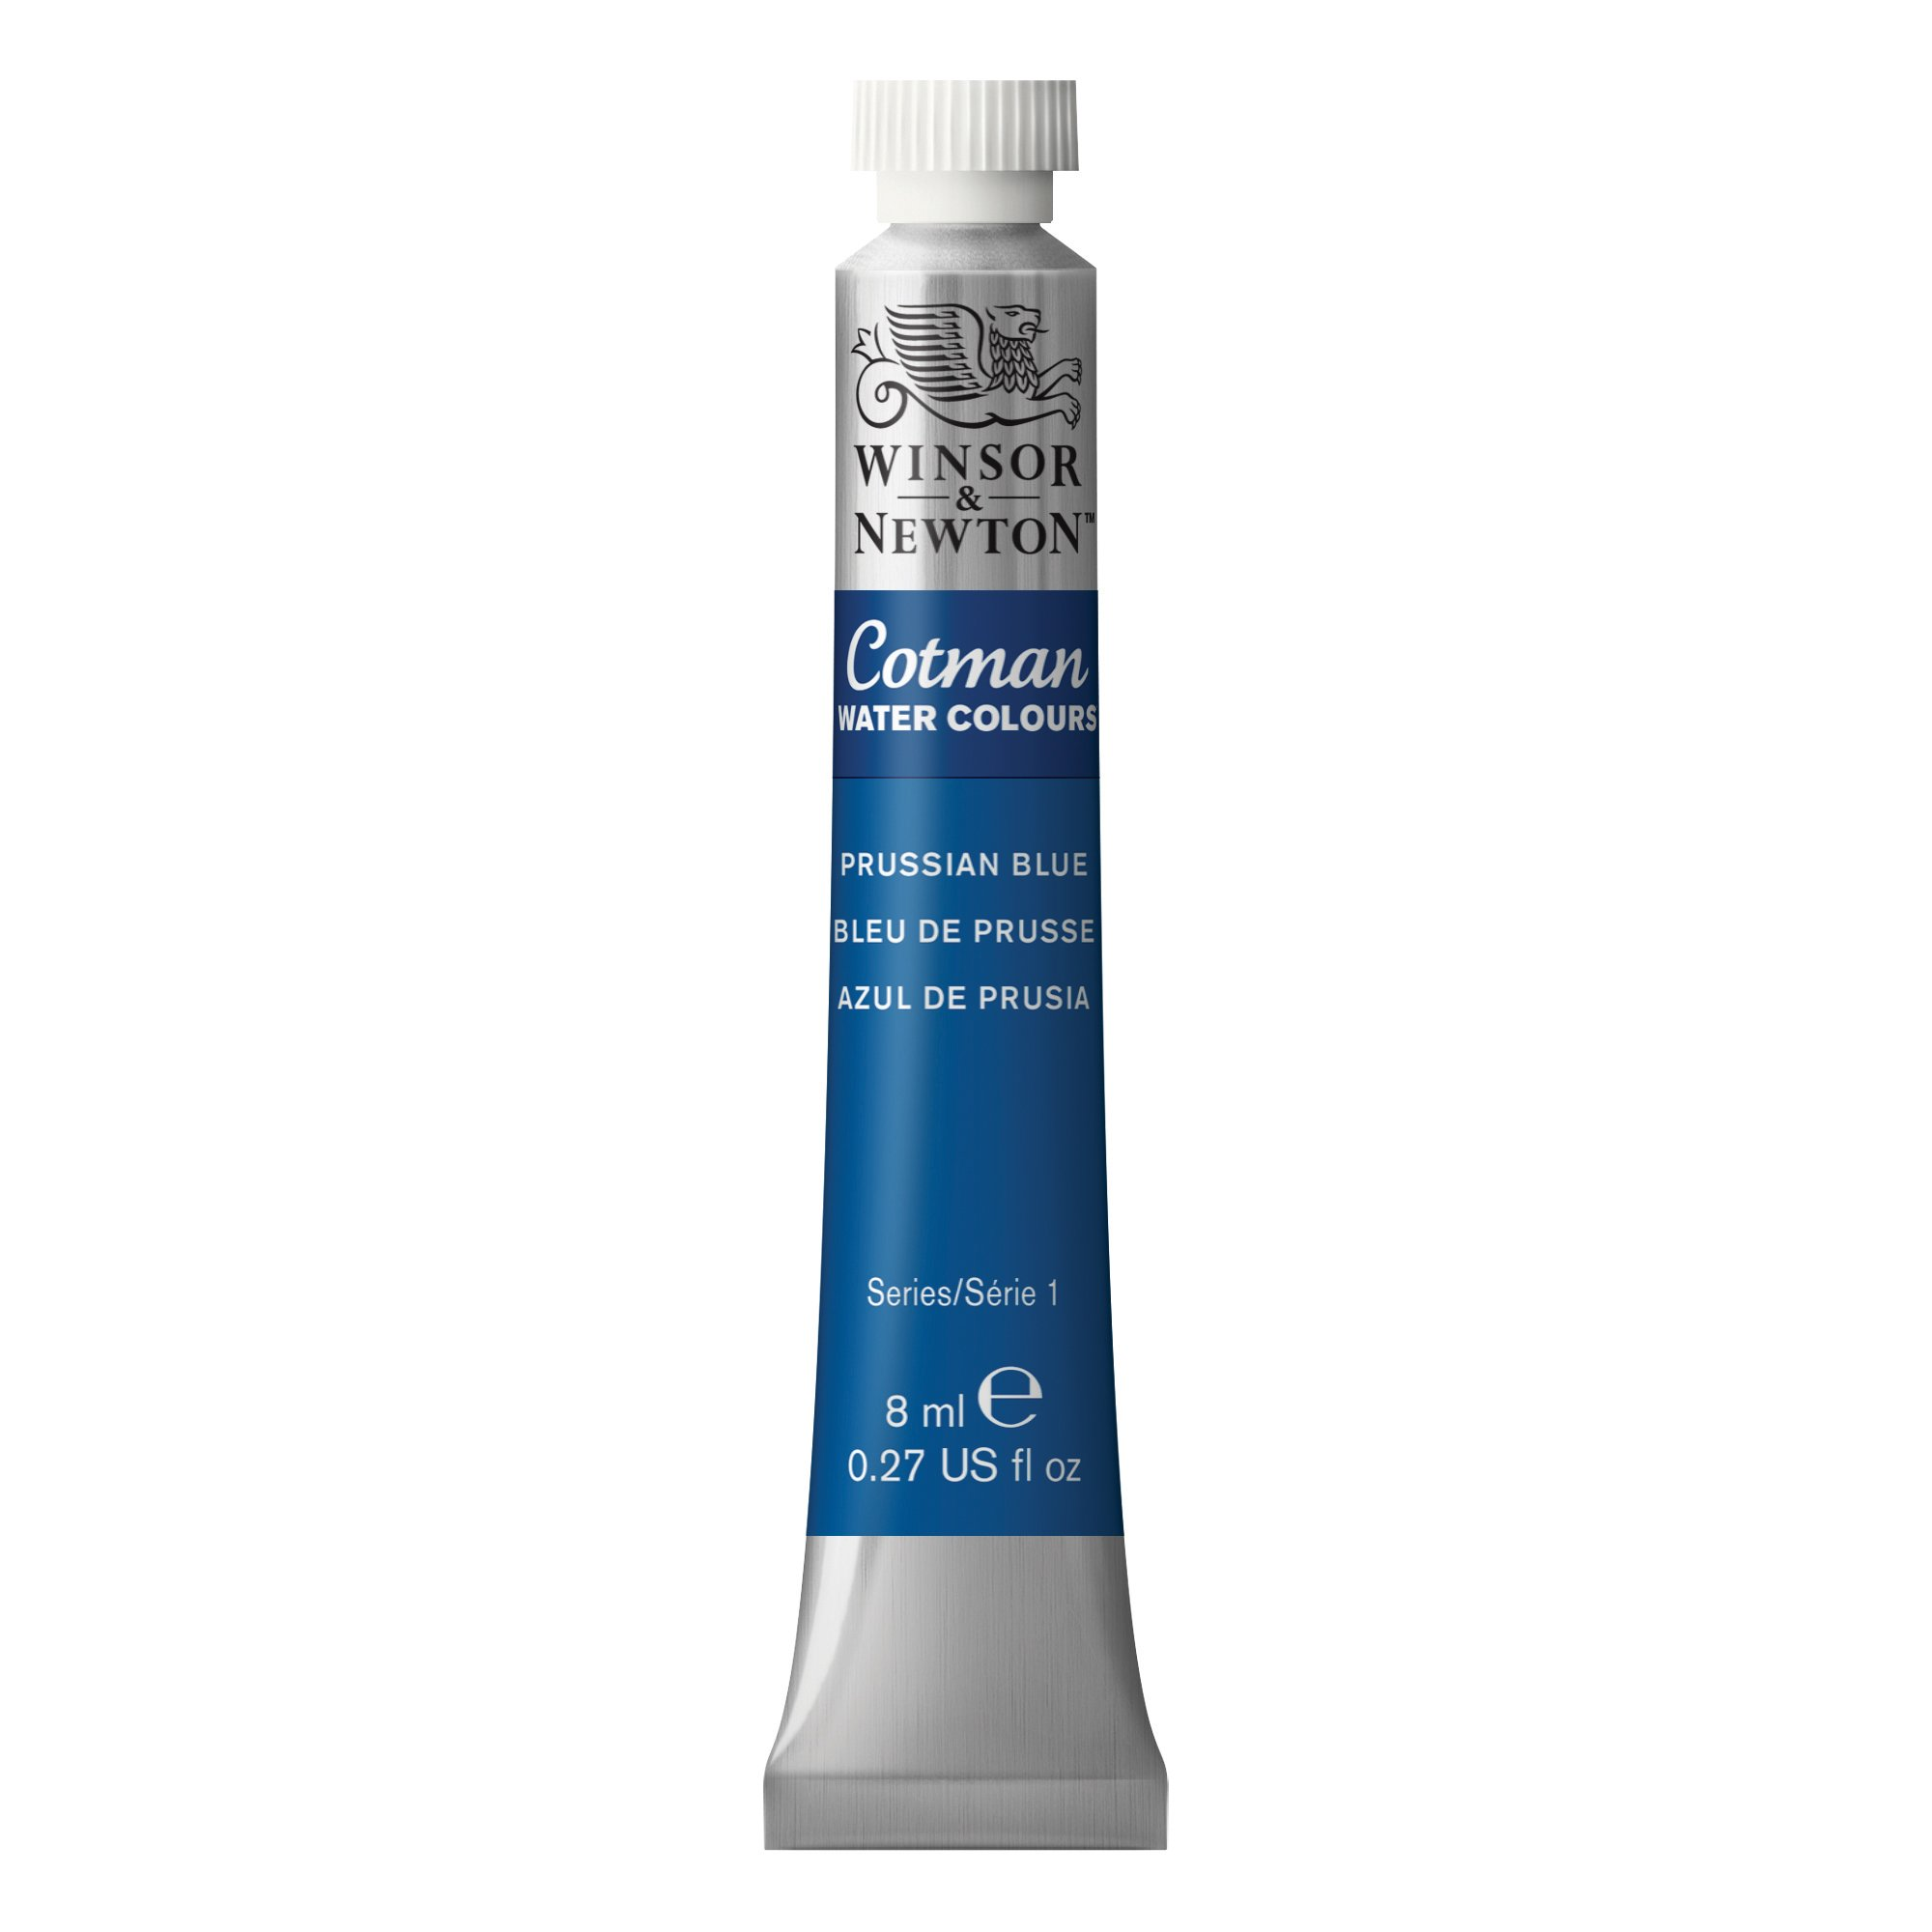 Winsor & Newton Cotman Water Colour Paint, 8ml tube, Prussian Blue